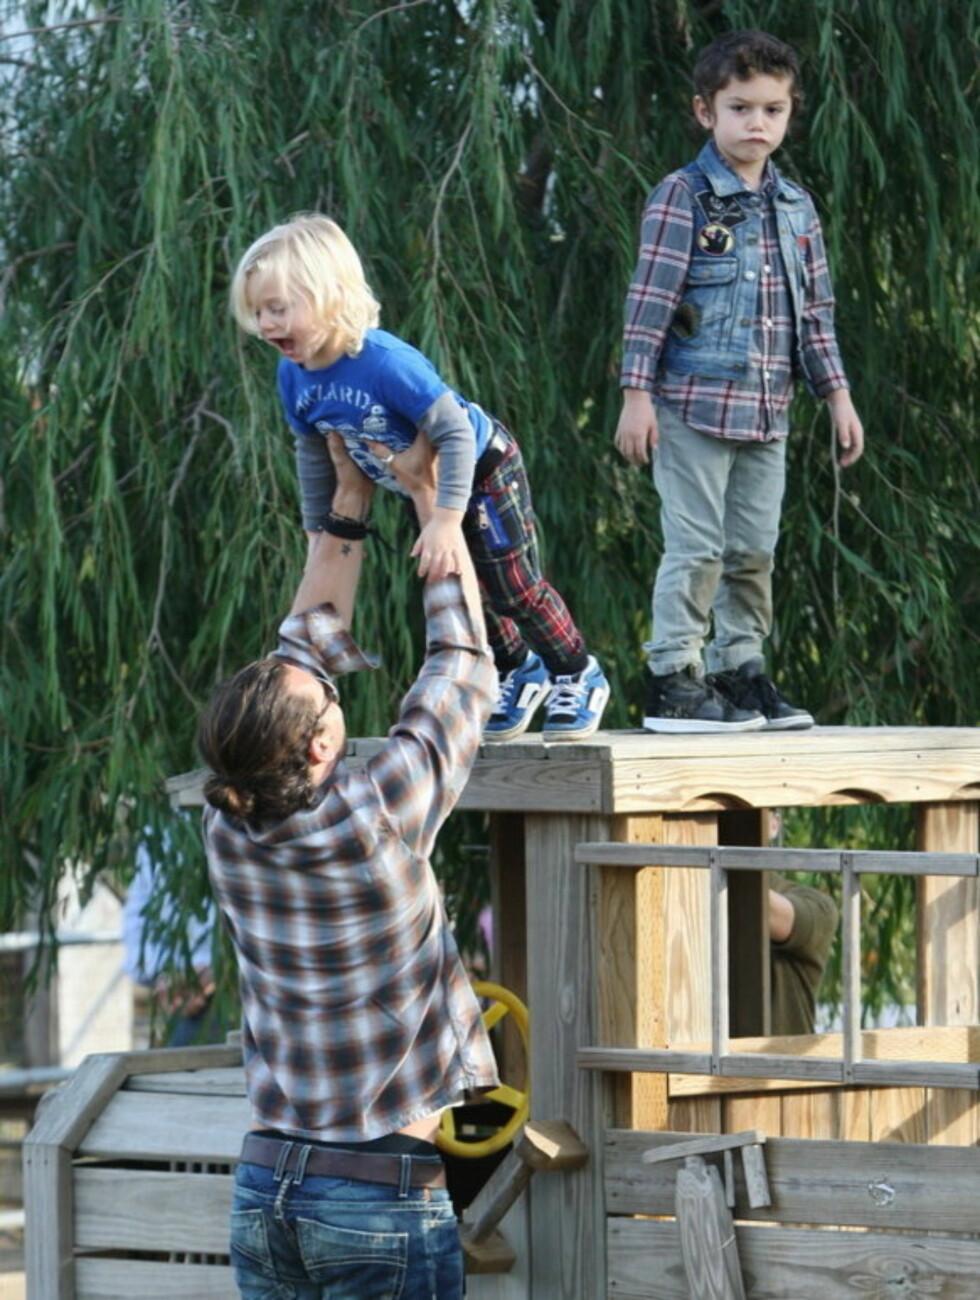 VARSKO HER: Da de skulle ned måtte de imidlertid få litt hjelp for å unngå å falle. Foto: Stella Pictures